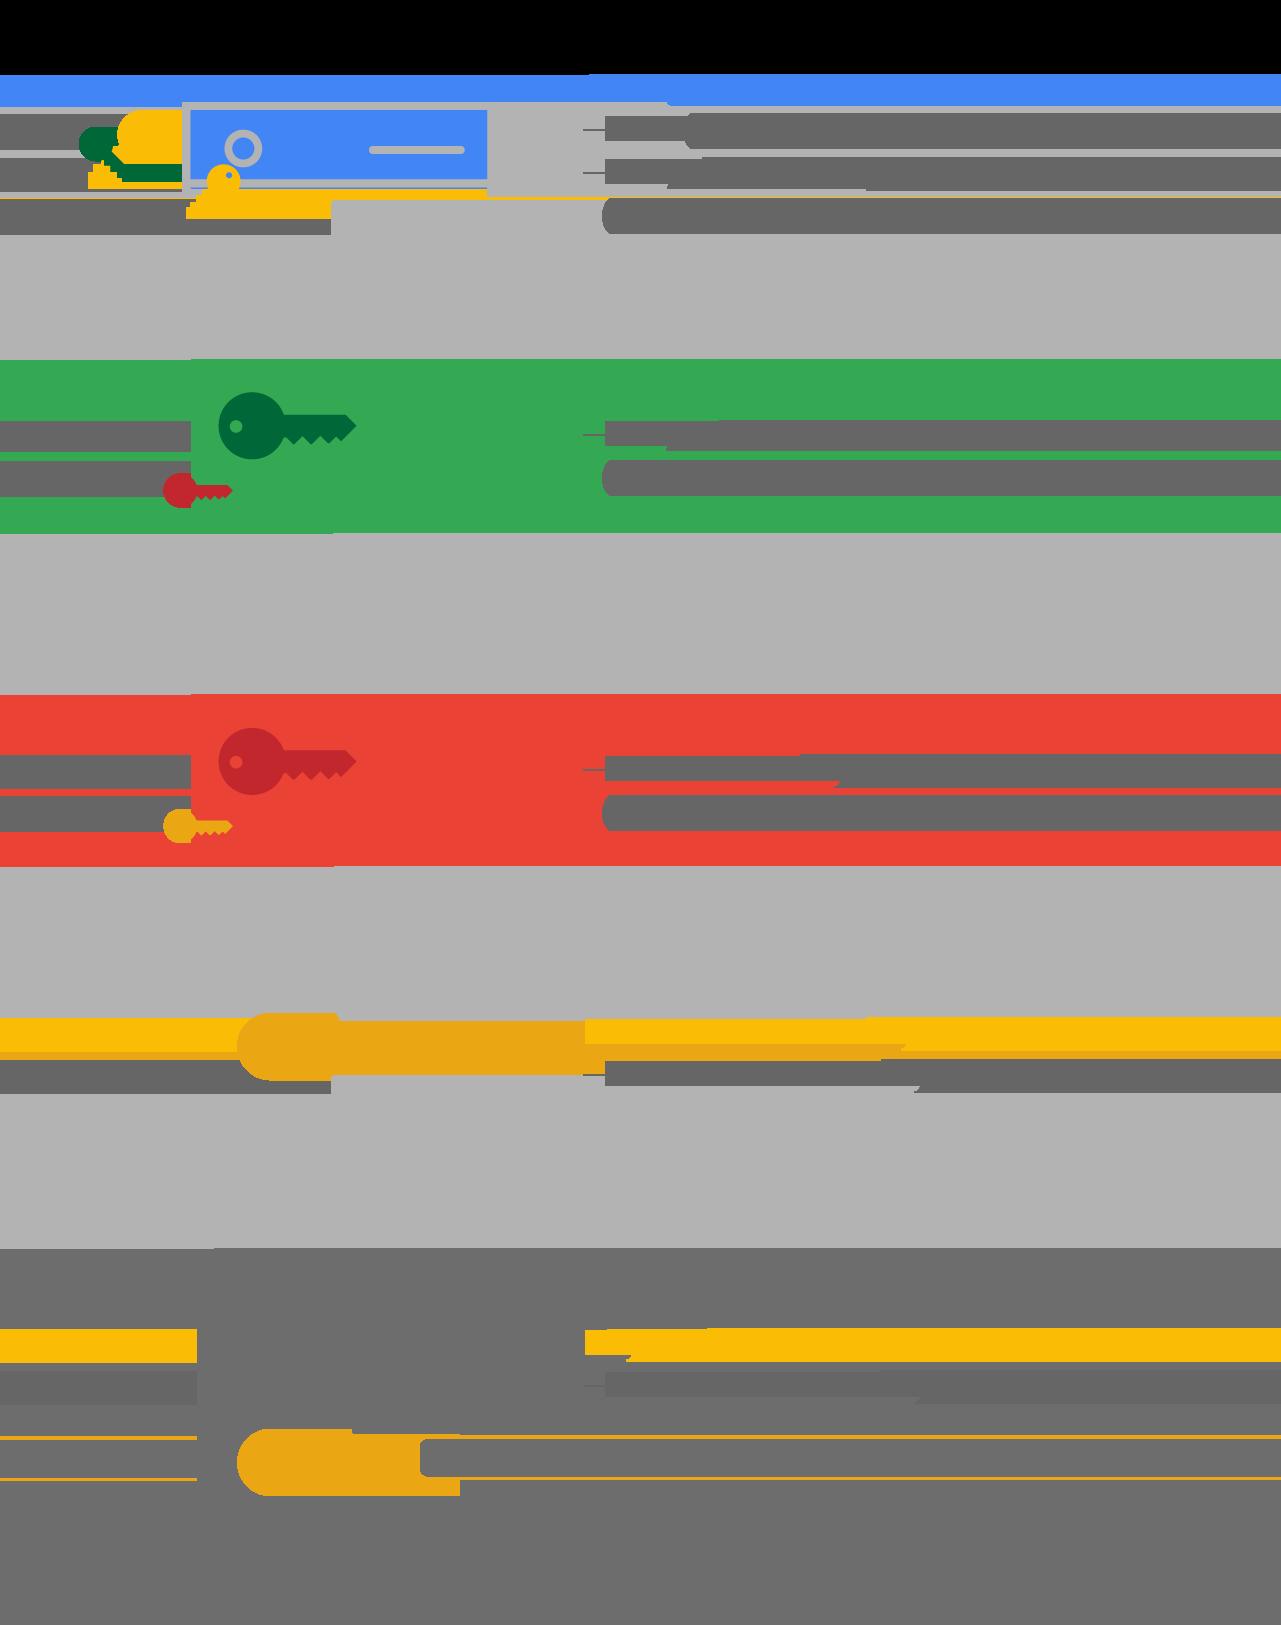 Diagramme de la hiérarchie de chiffrement de Google